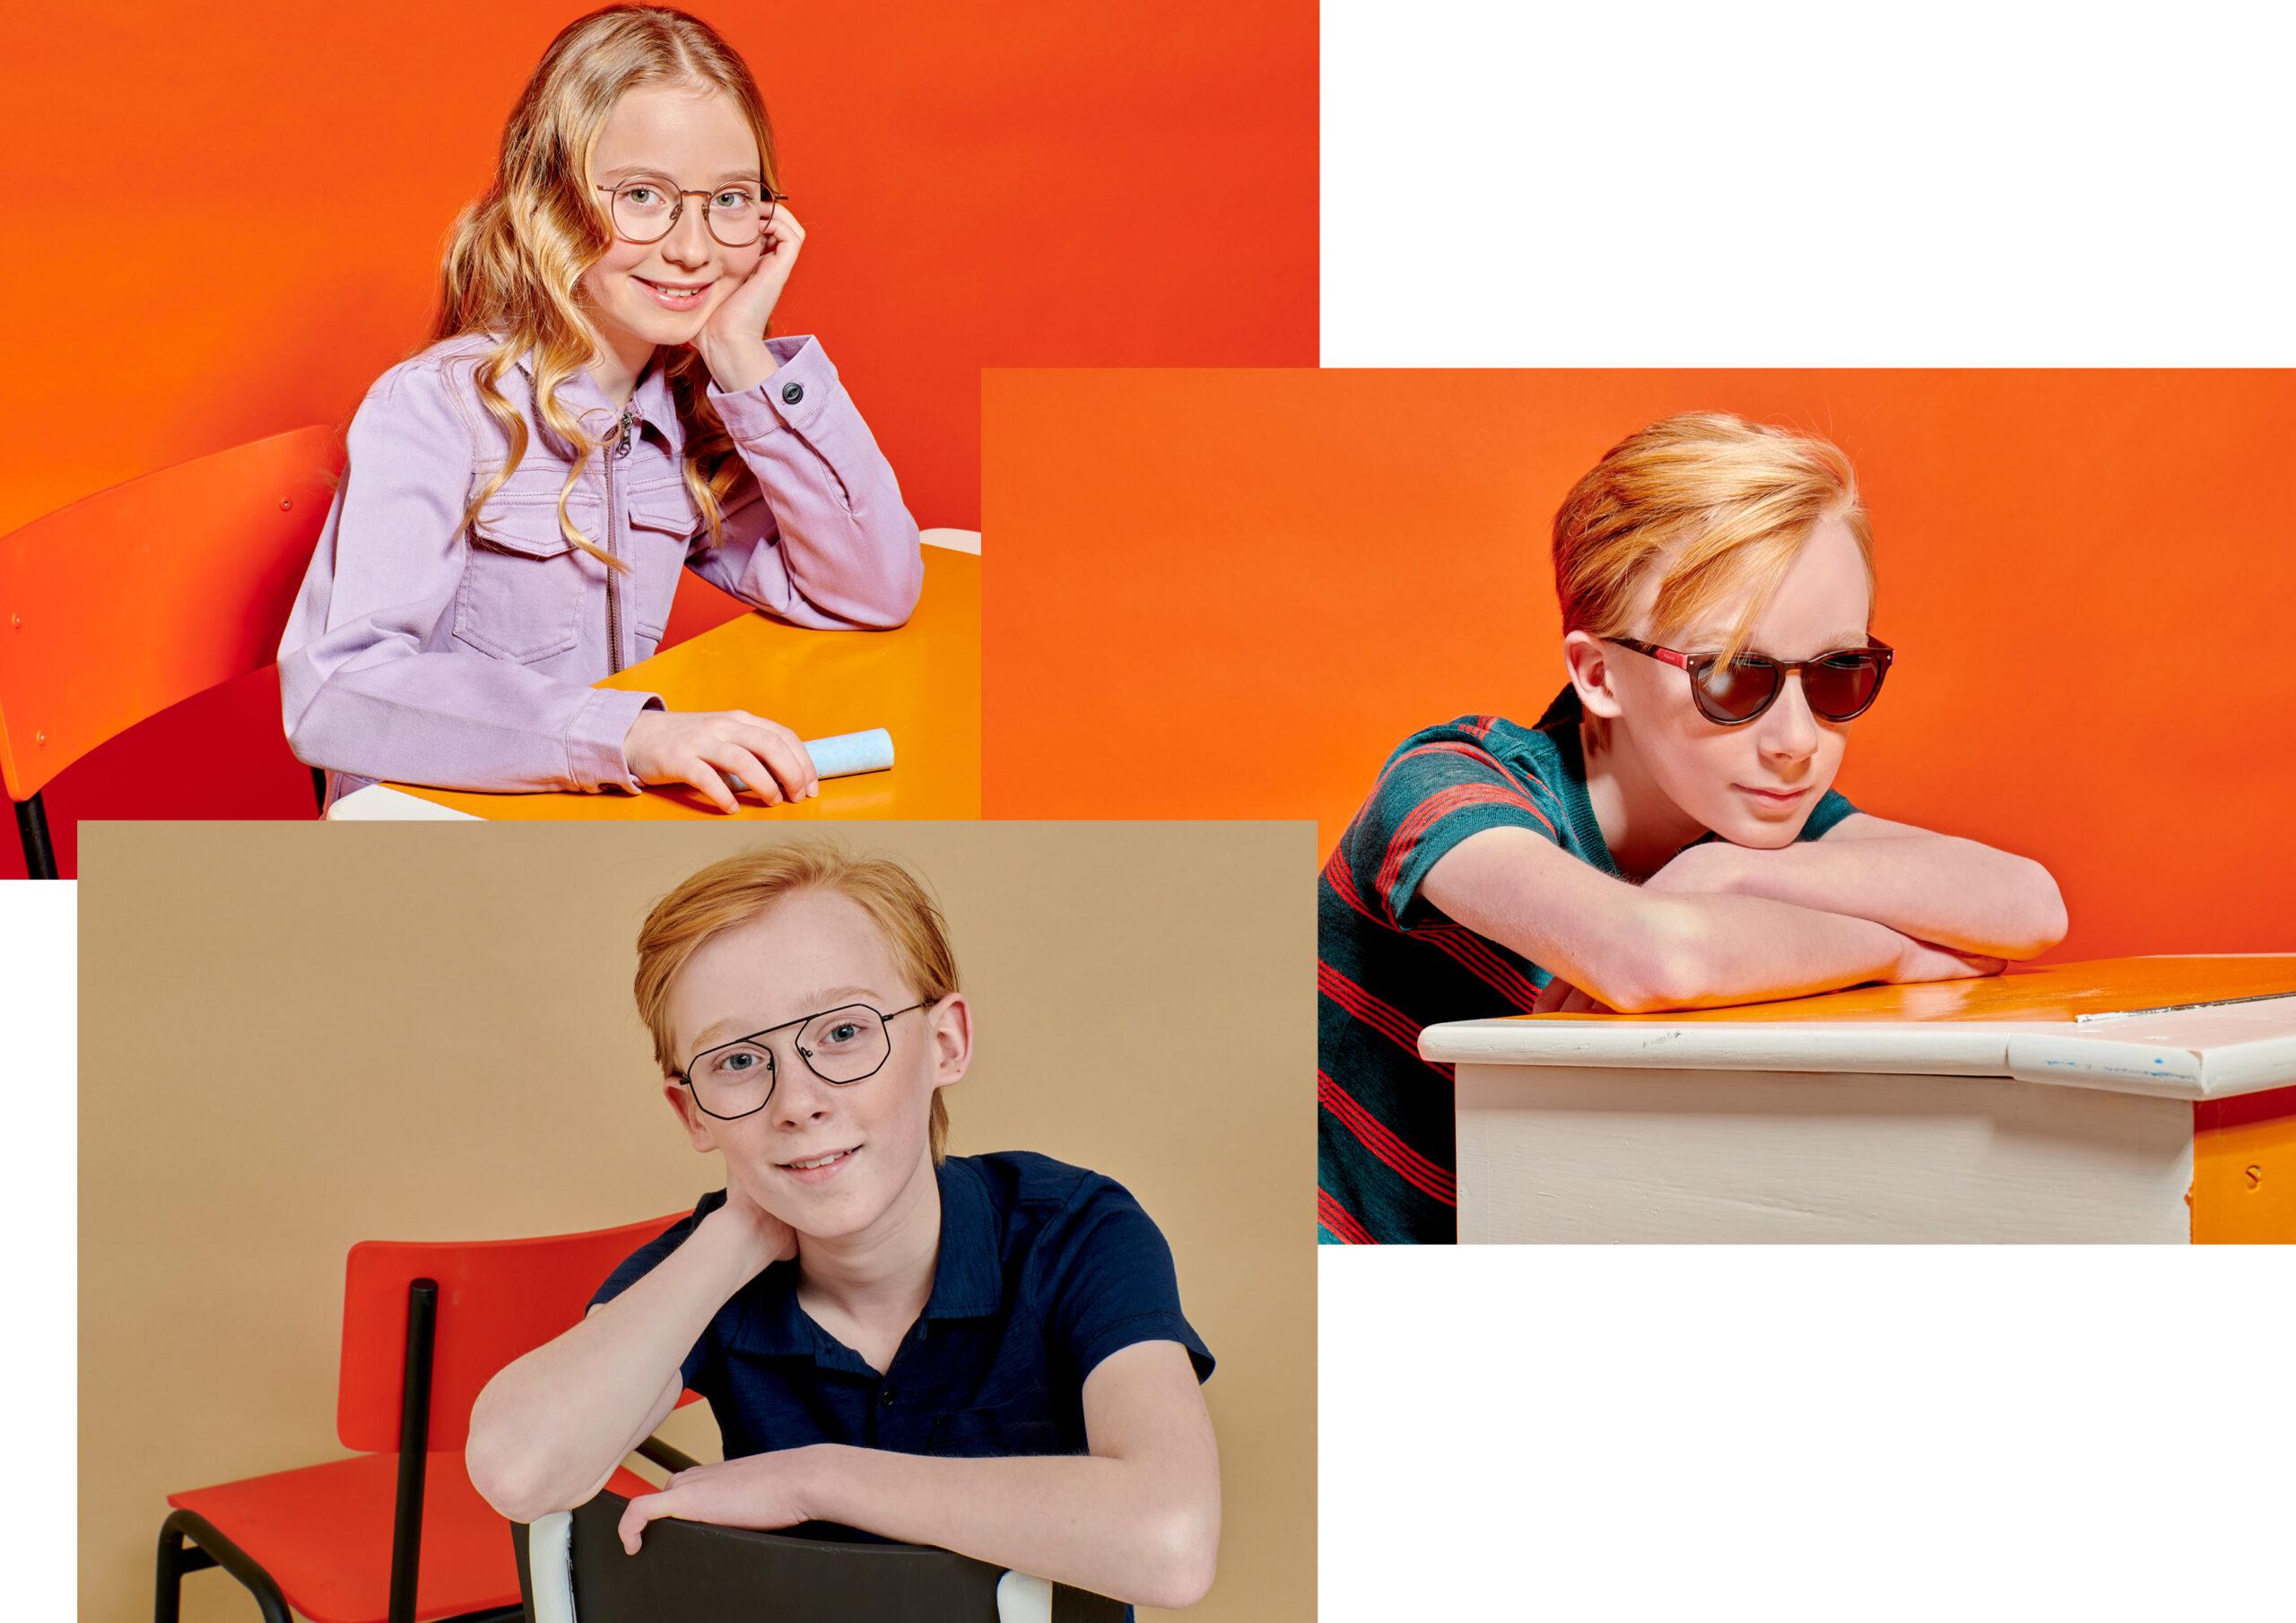 Kinderbrillen voor kleuters & tieners - Optiek Lammerant Deinze